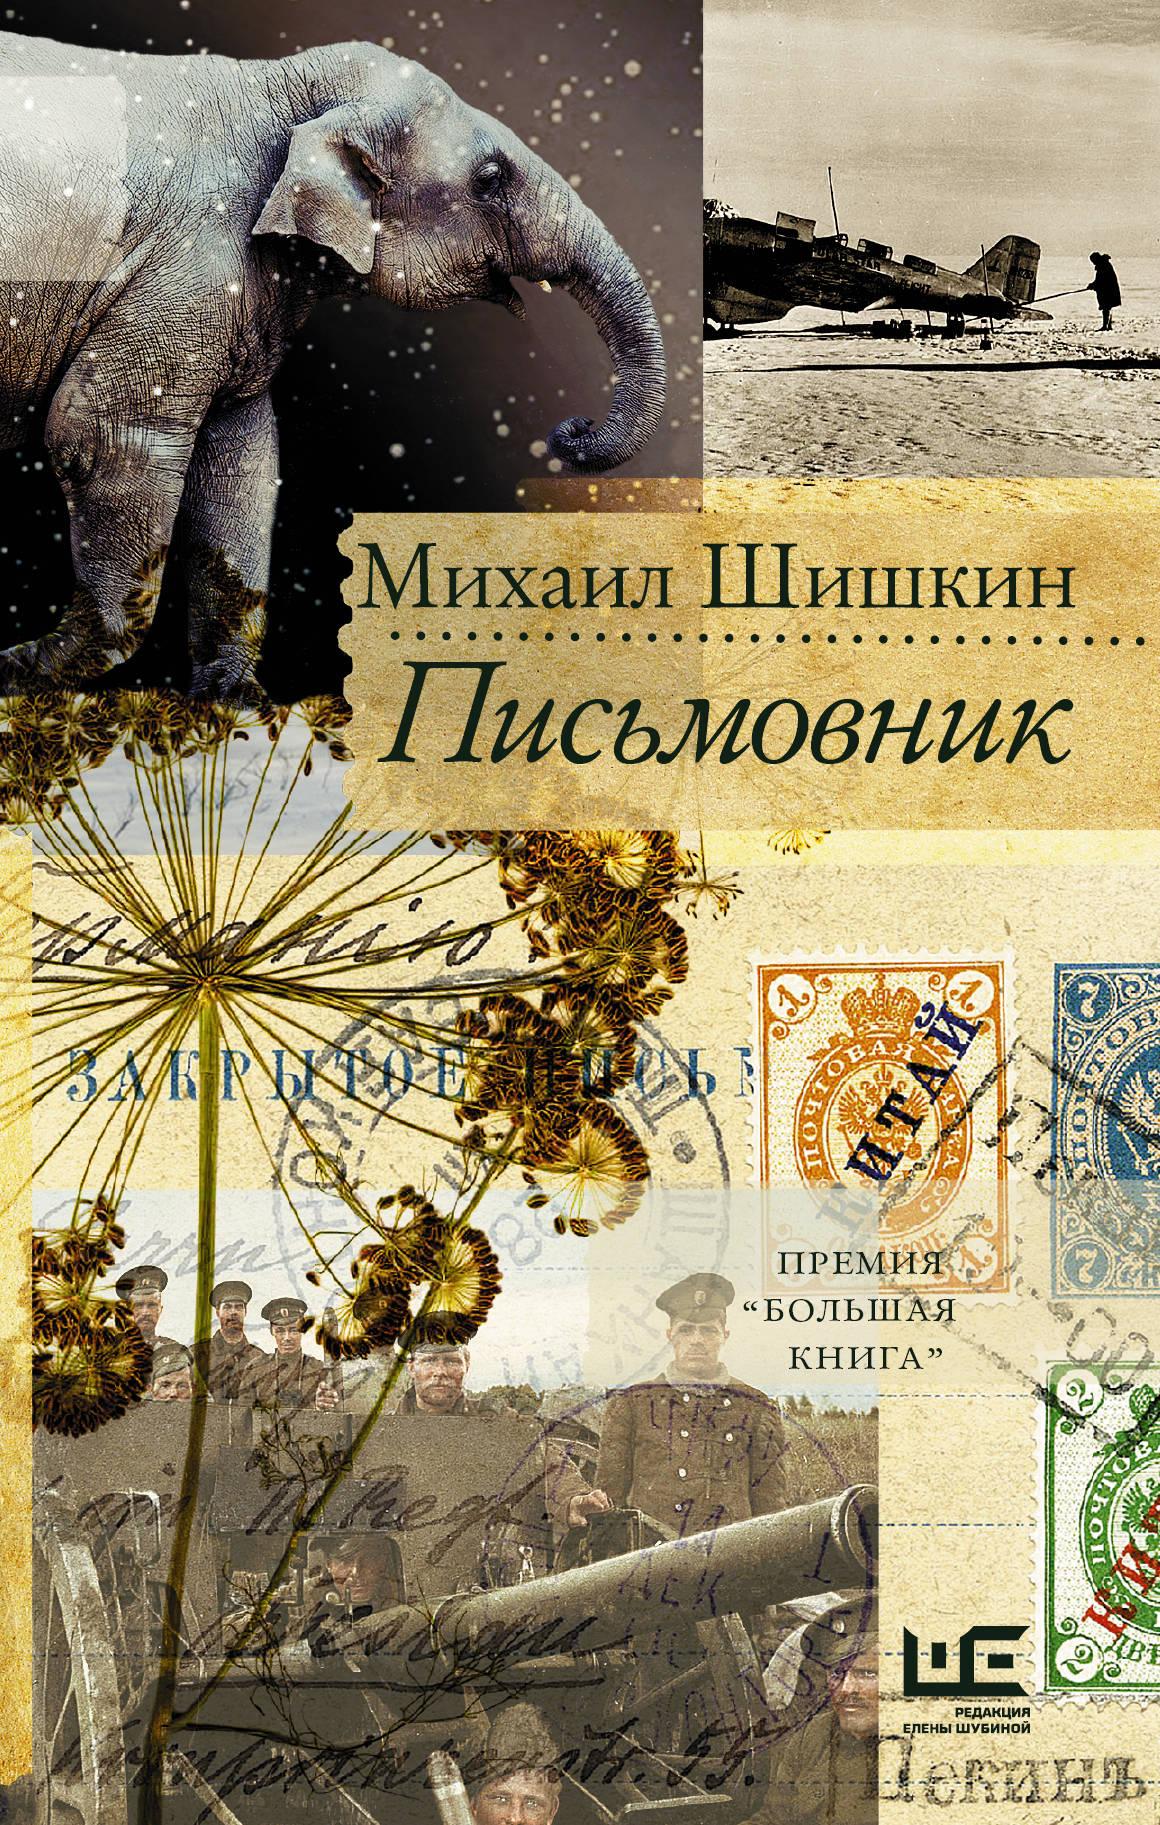 Pismovnik